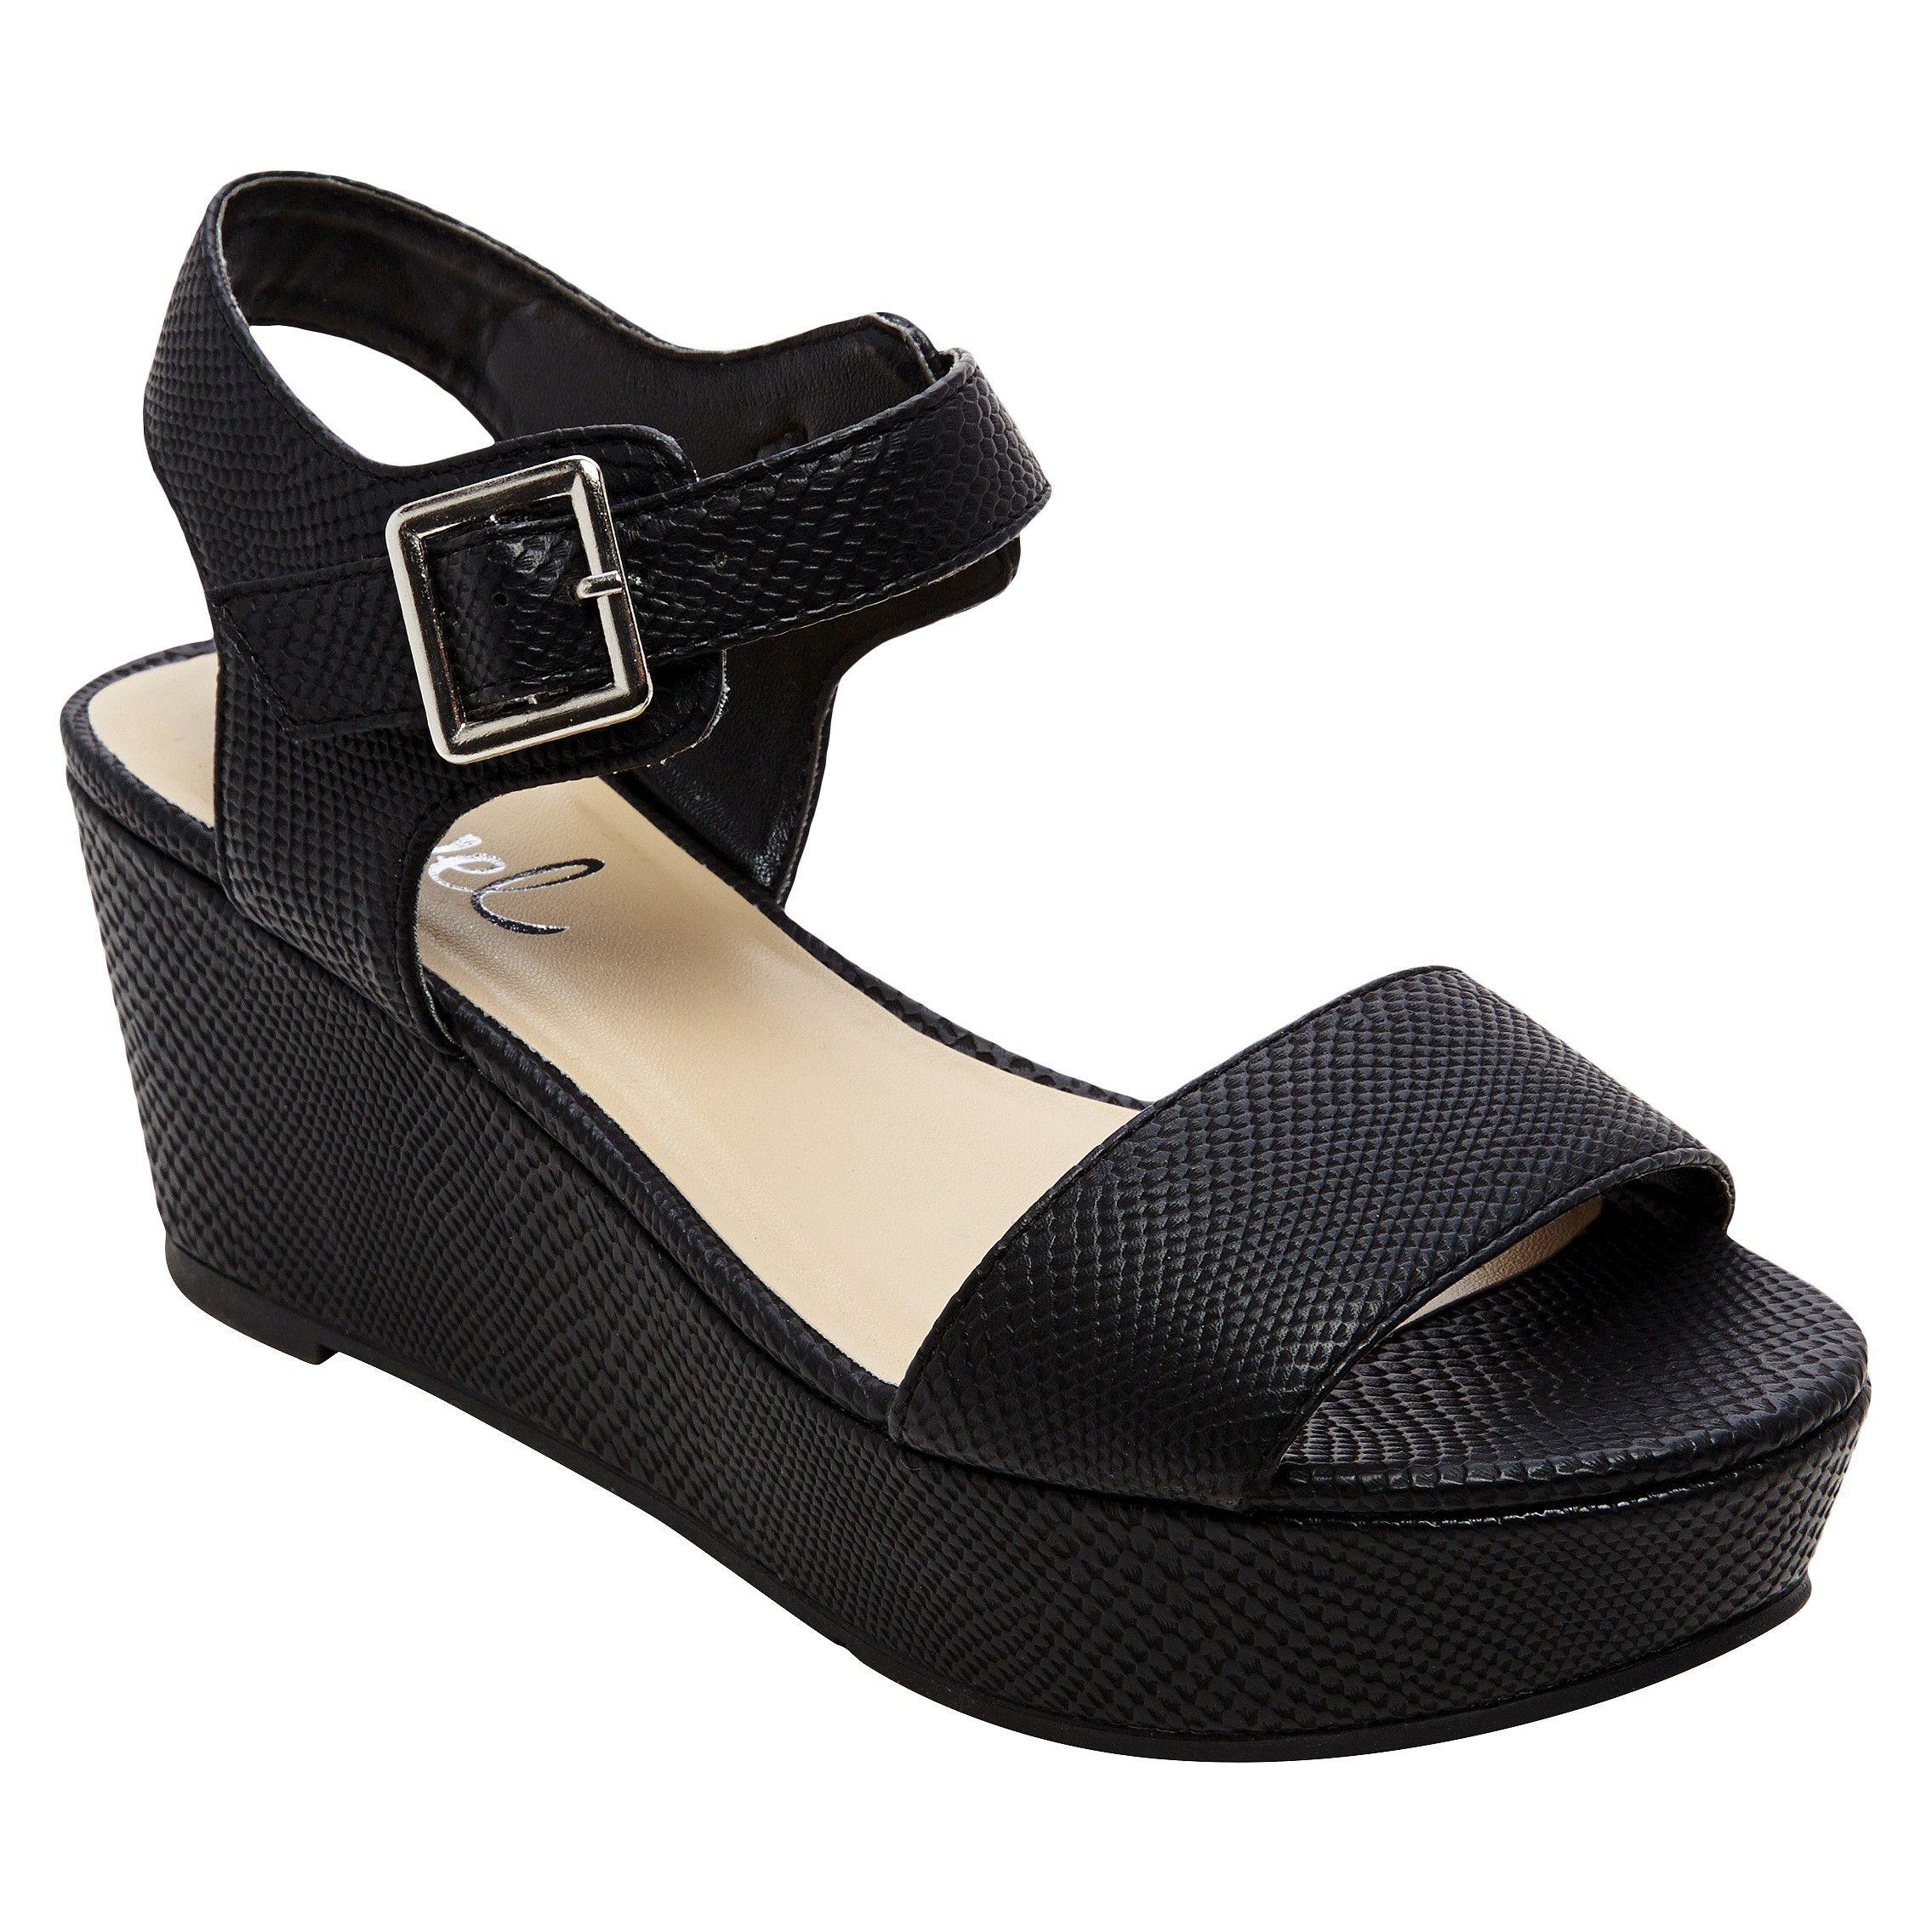 platform sandals black target